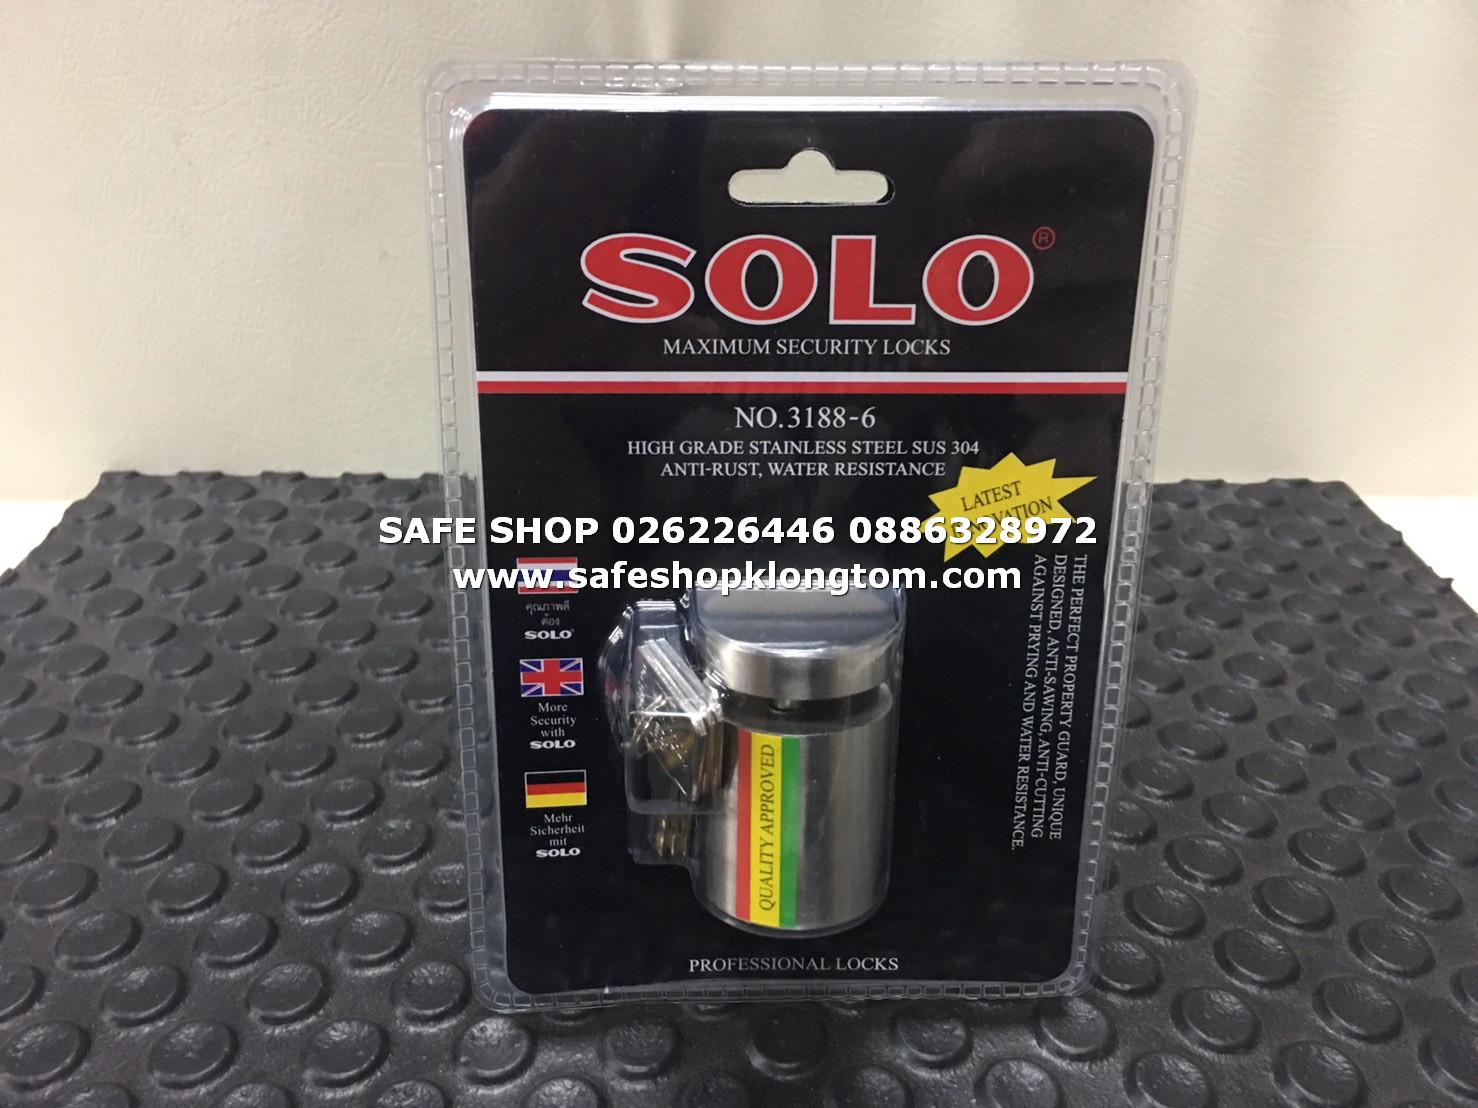 Solo No.3318-6 , Max-6 กุญแจสเตนเลส ล็อคดิสมอเตอร์ไซค์ โซโล ราคา 450บาท SAFE SHOP คลองถม